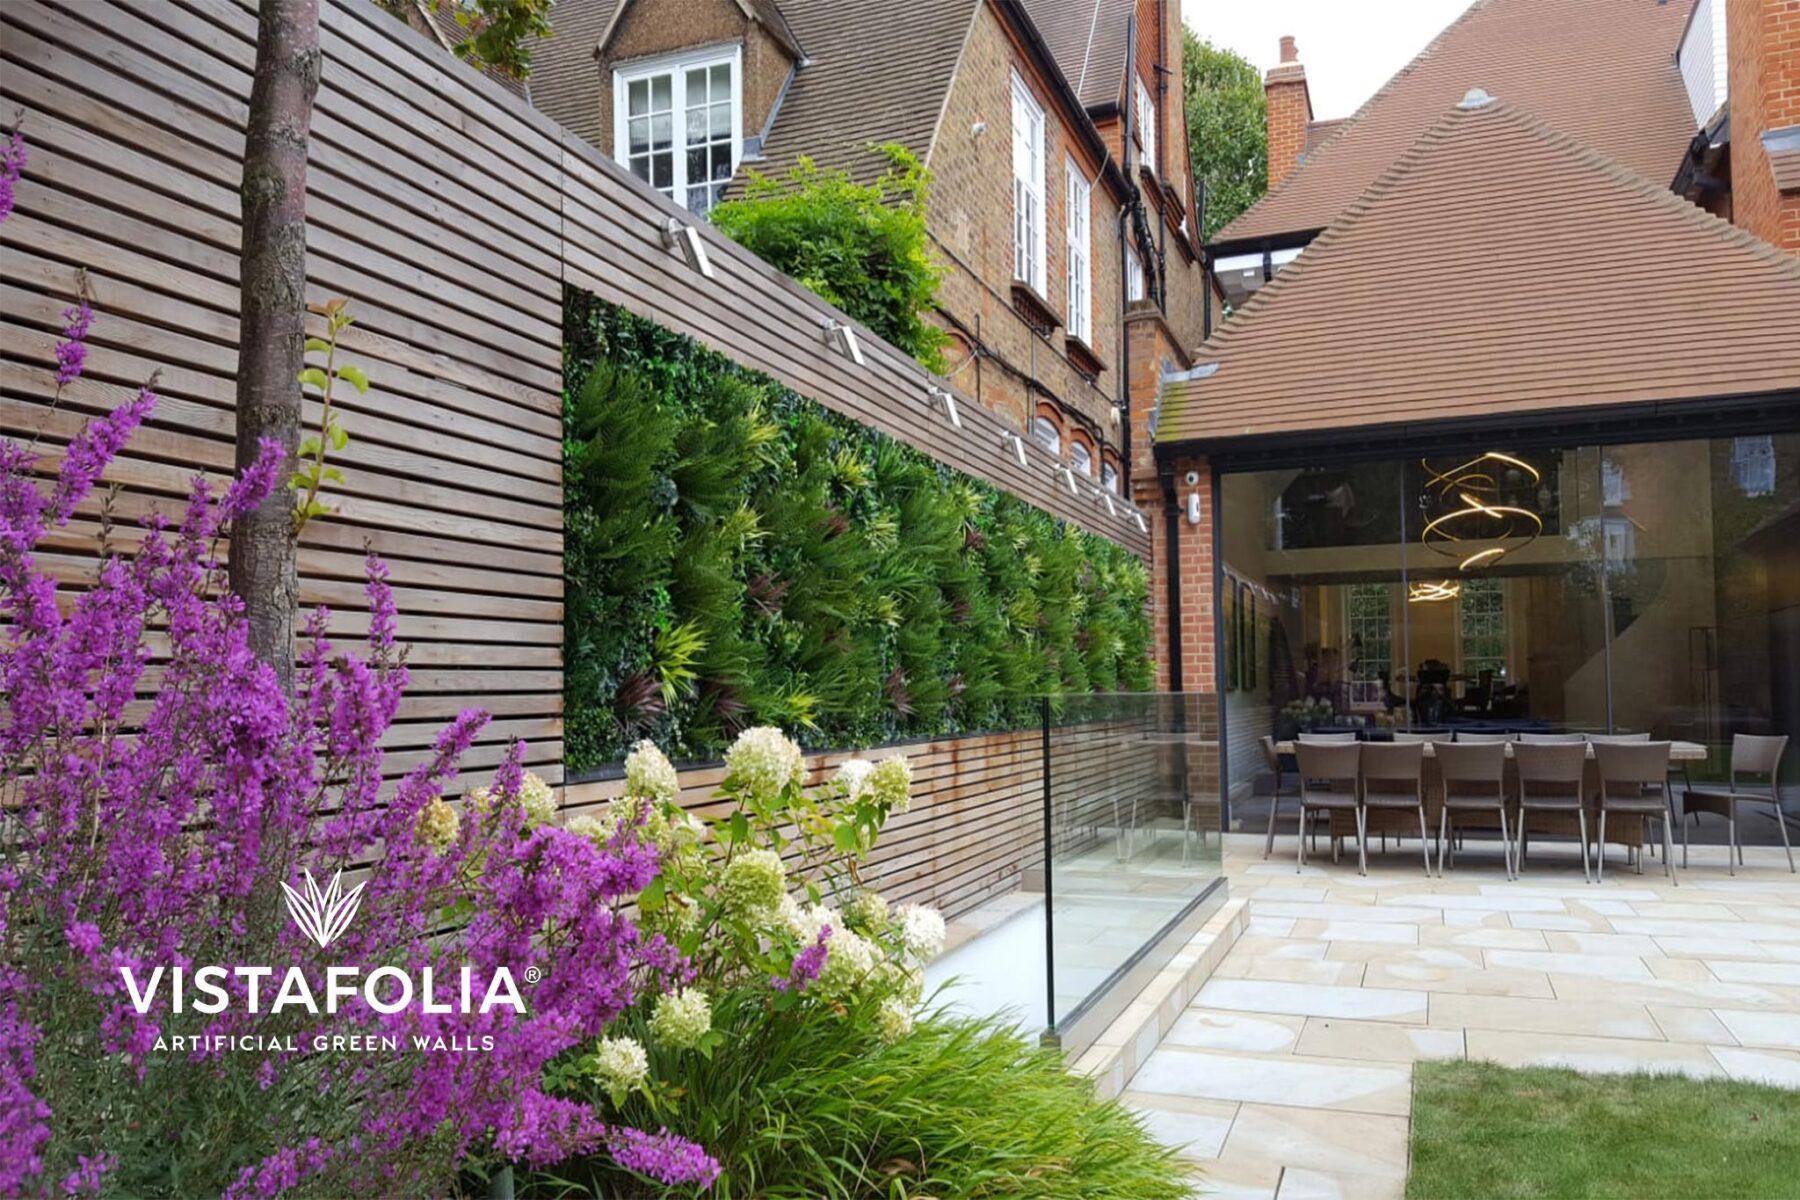 green walls, artificial grass installation